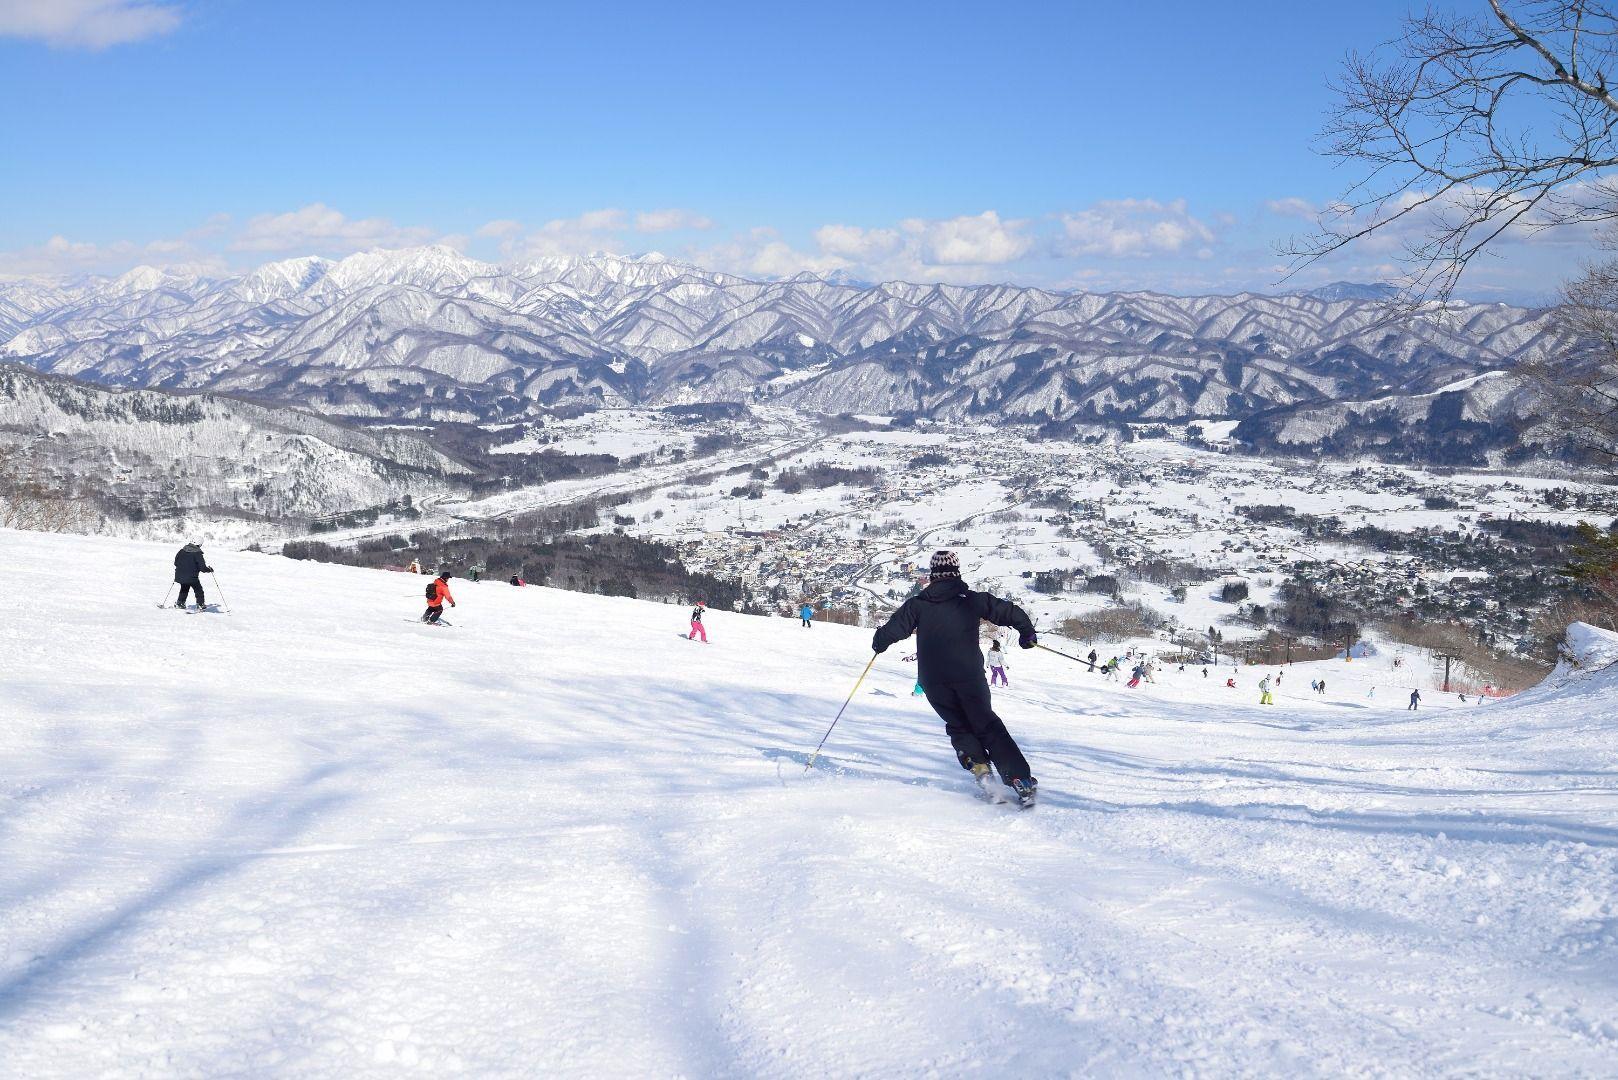 Ski resorts in Japan